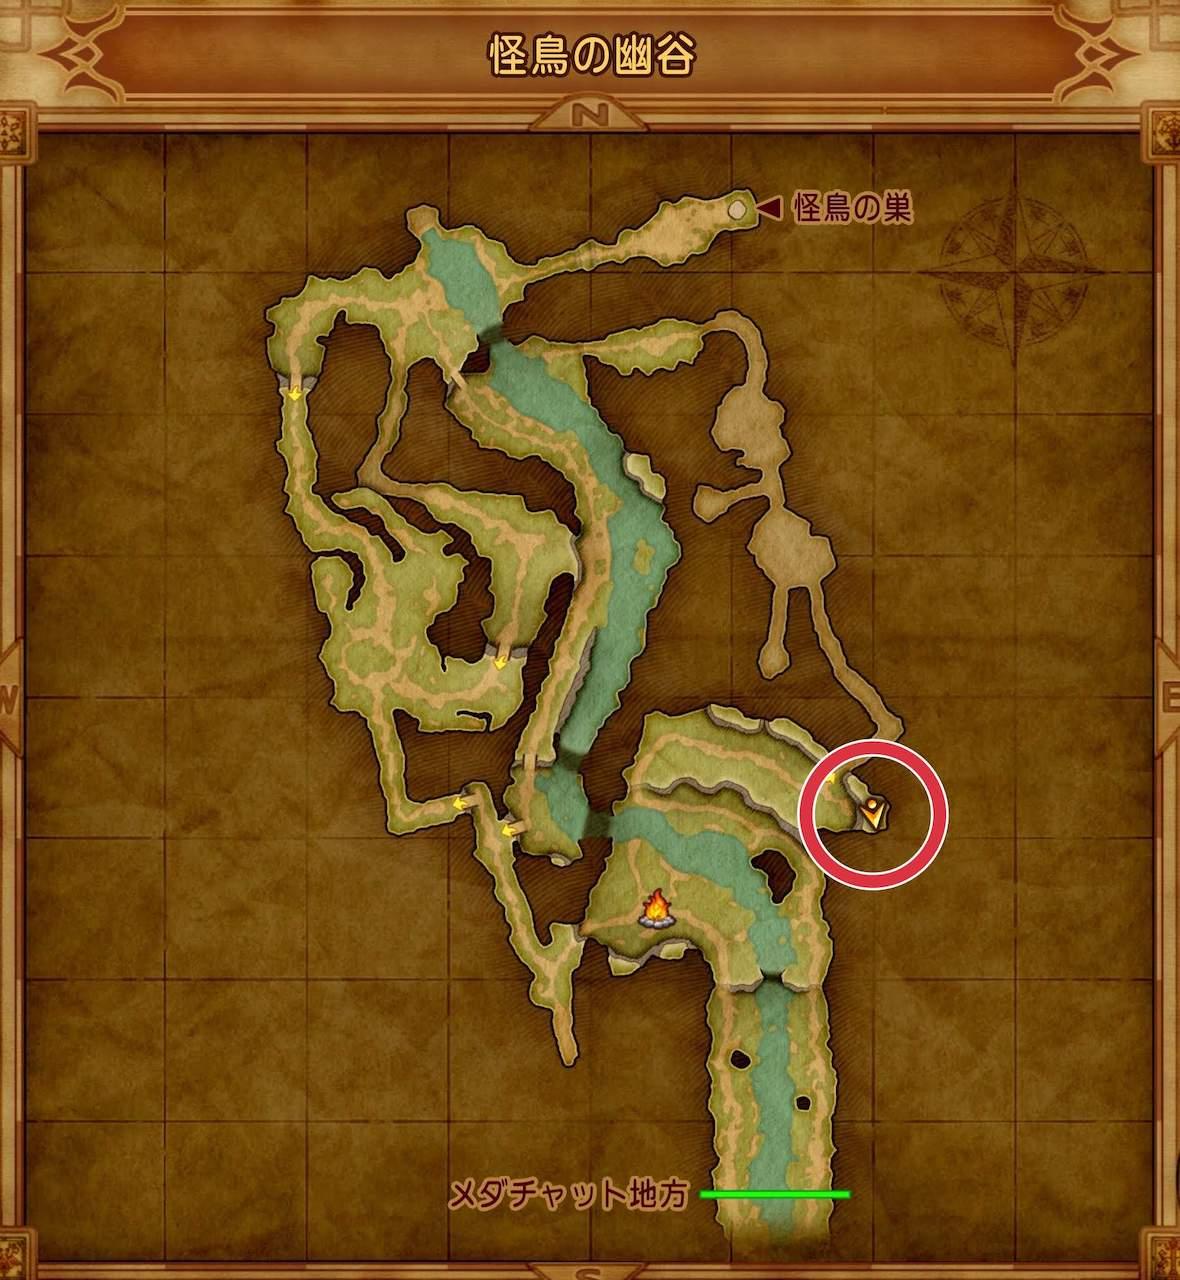 ドラクエ11S いかずちのたま 怪鳥の幽谷の宝箱の場所